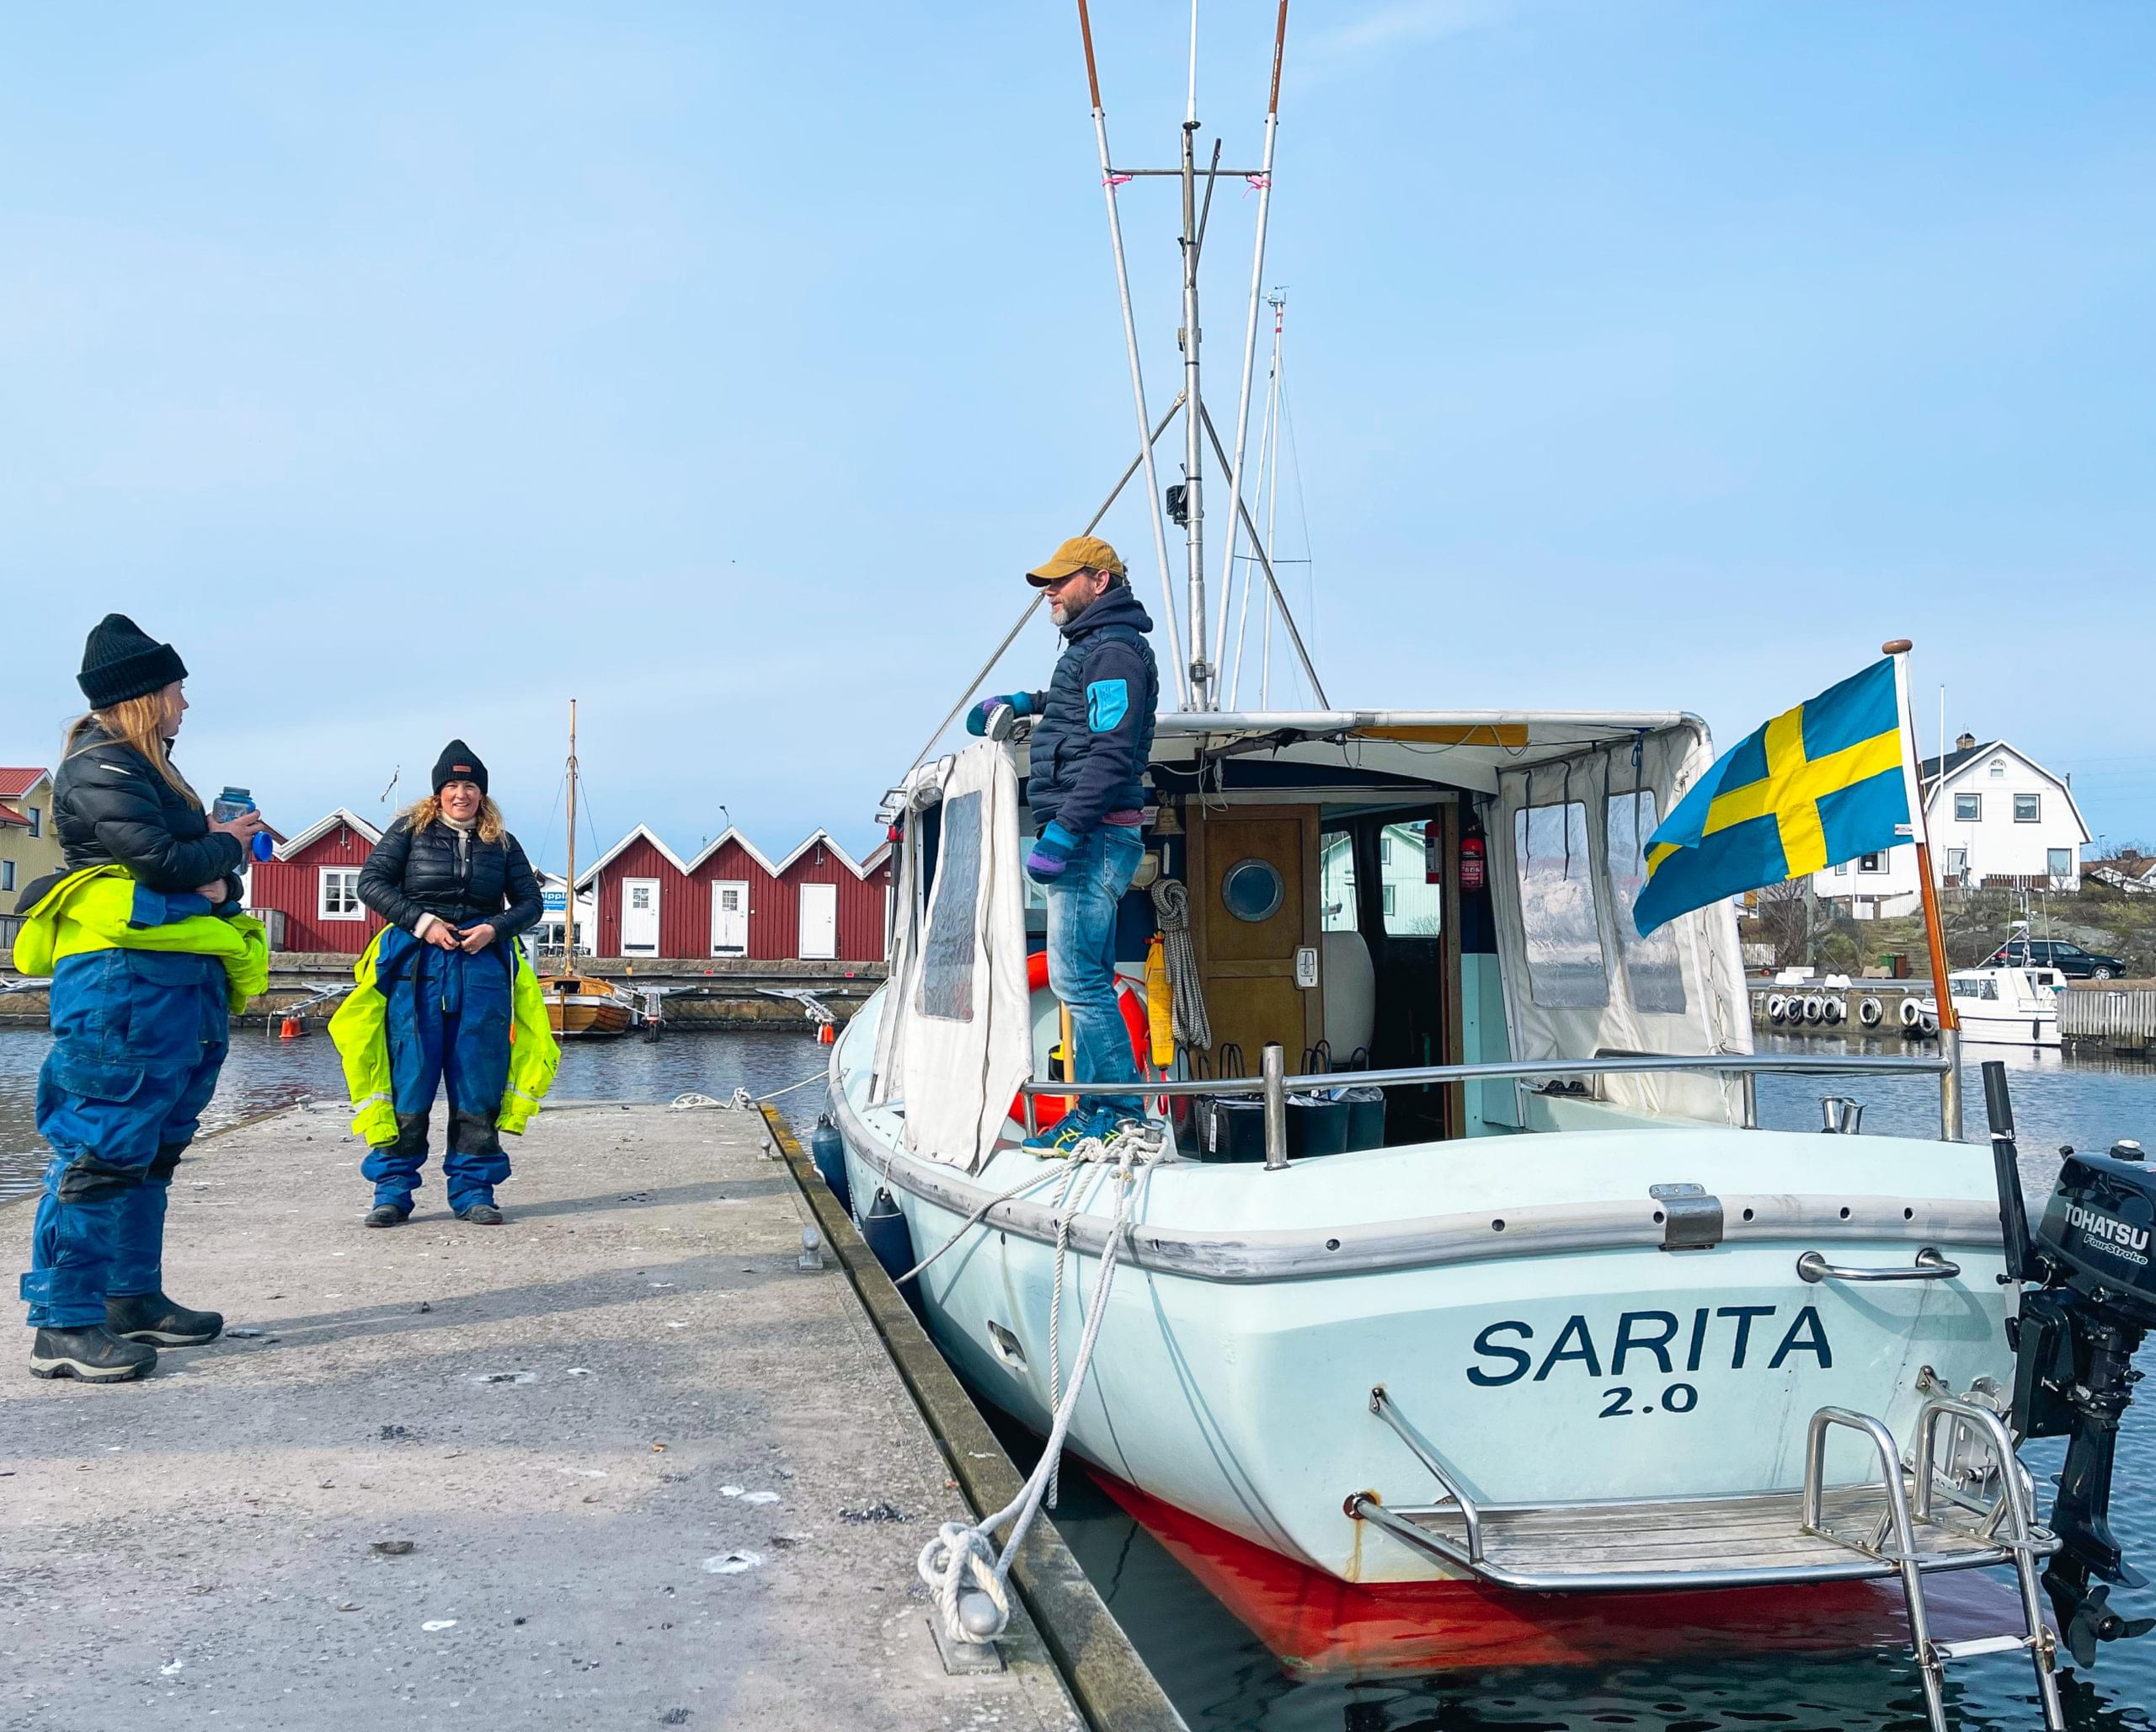 Charterbåten Sarita på Källö-Knippla